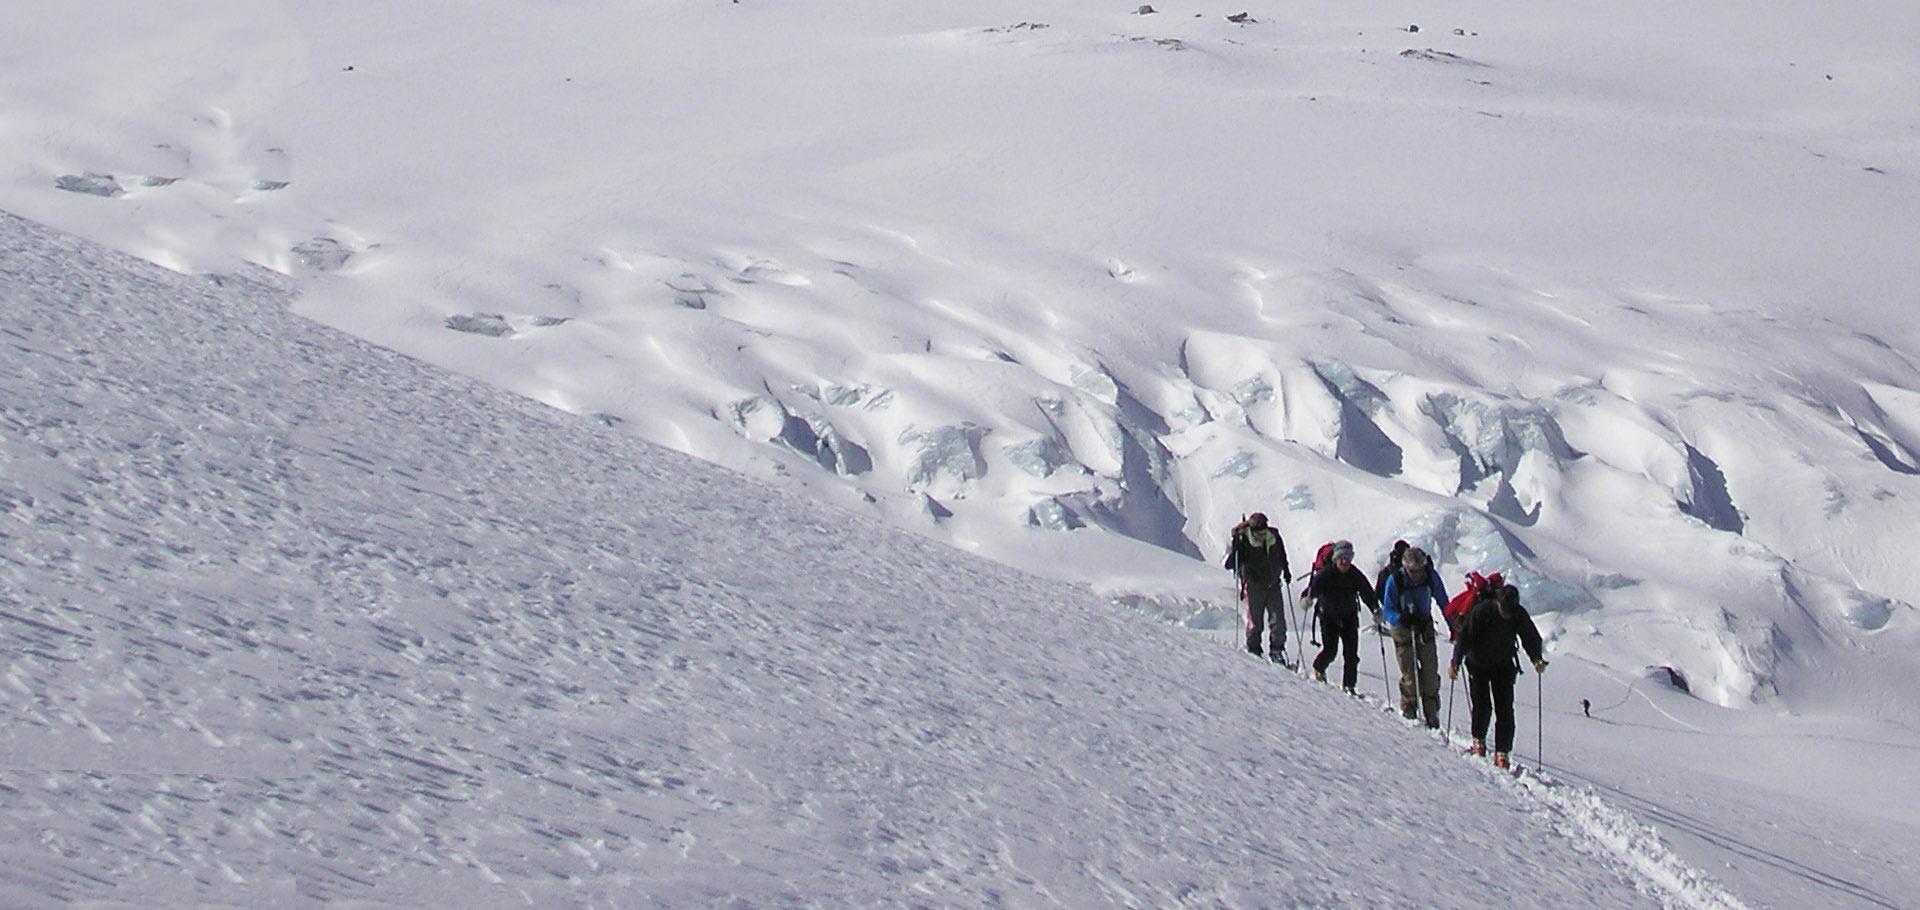 Numero di persone ogni Guida Alpina